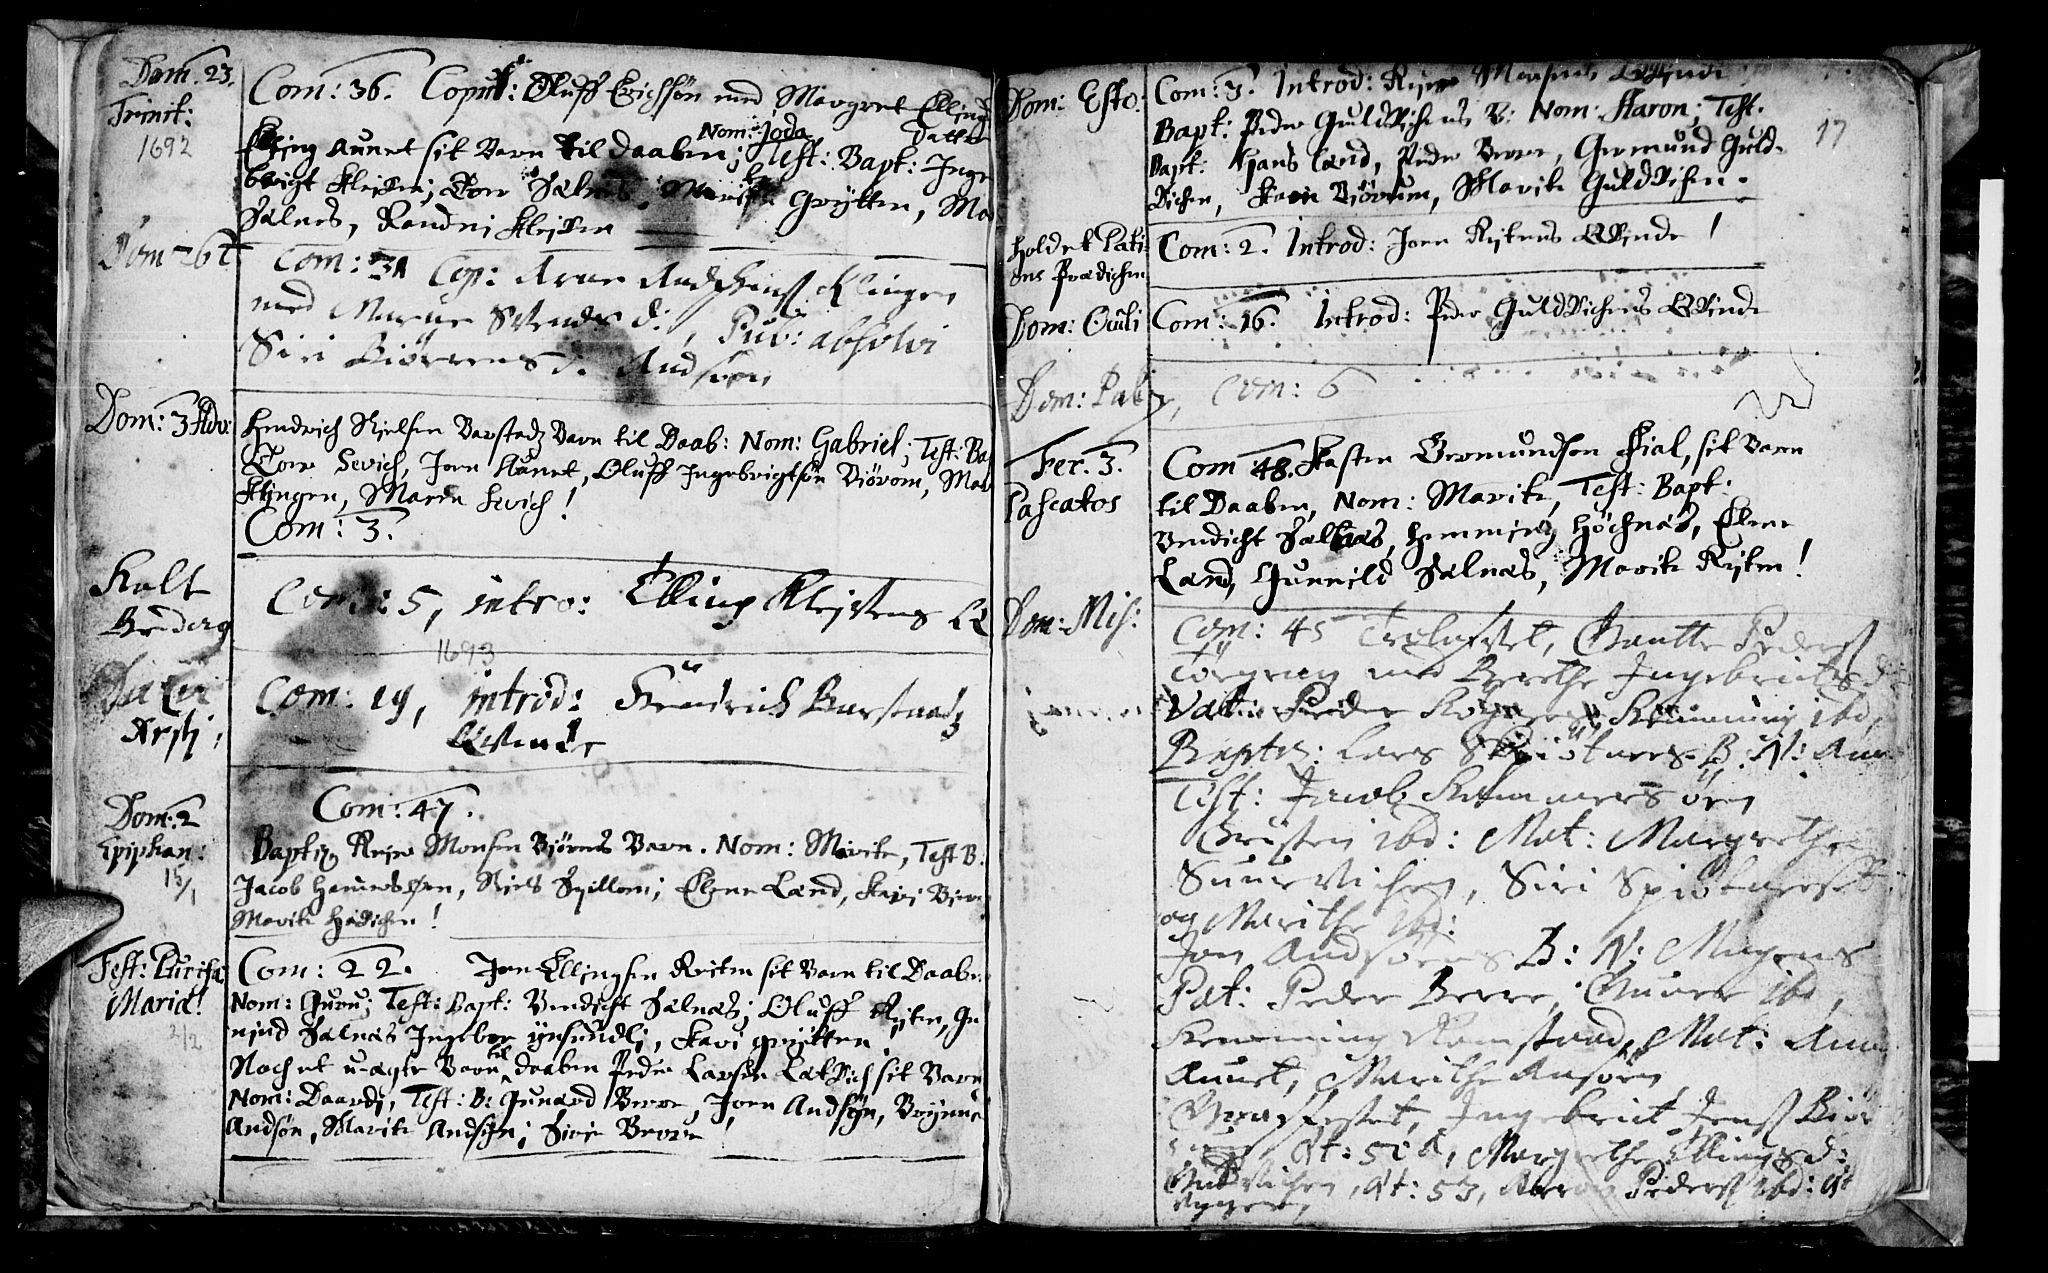 SAT, Ministerialprotokoller, klokkerbøker og fødselsregistre - Nord-Trøndelag, 770/L0587: Ministerialbok nr. 770A01, 1689-1697, s. 16-17